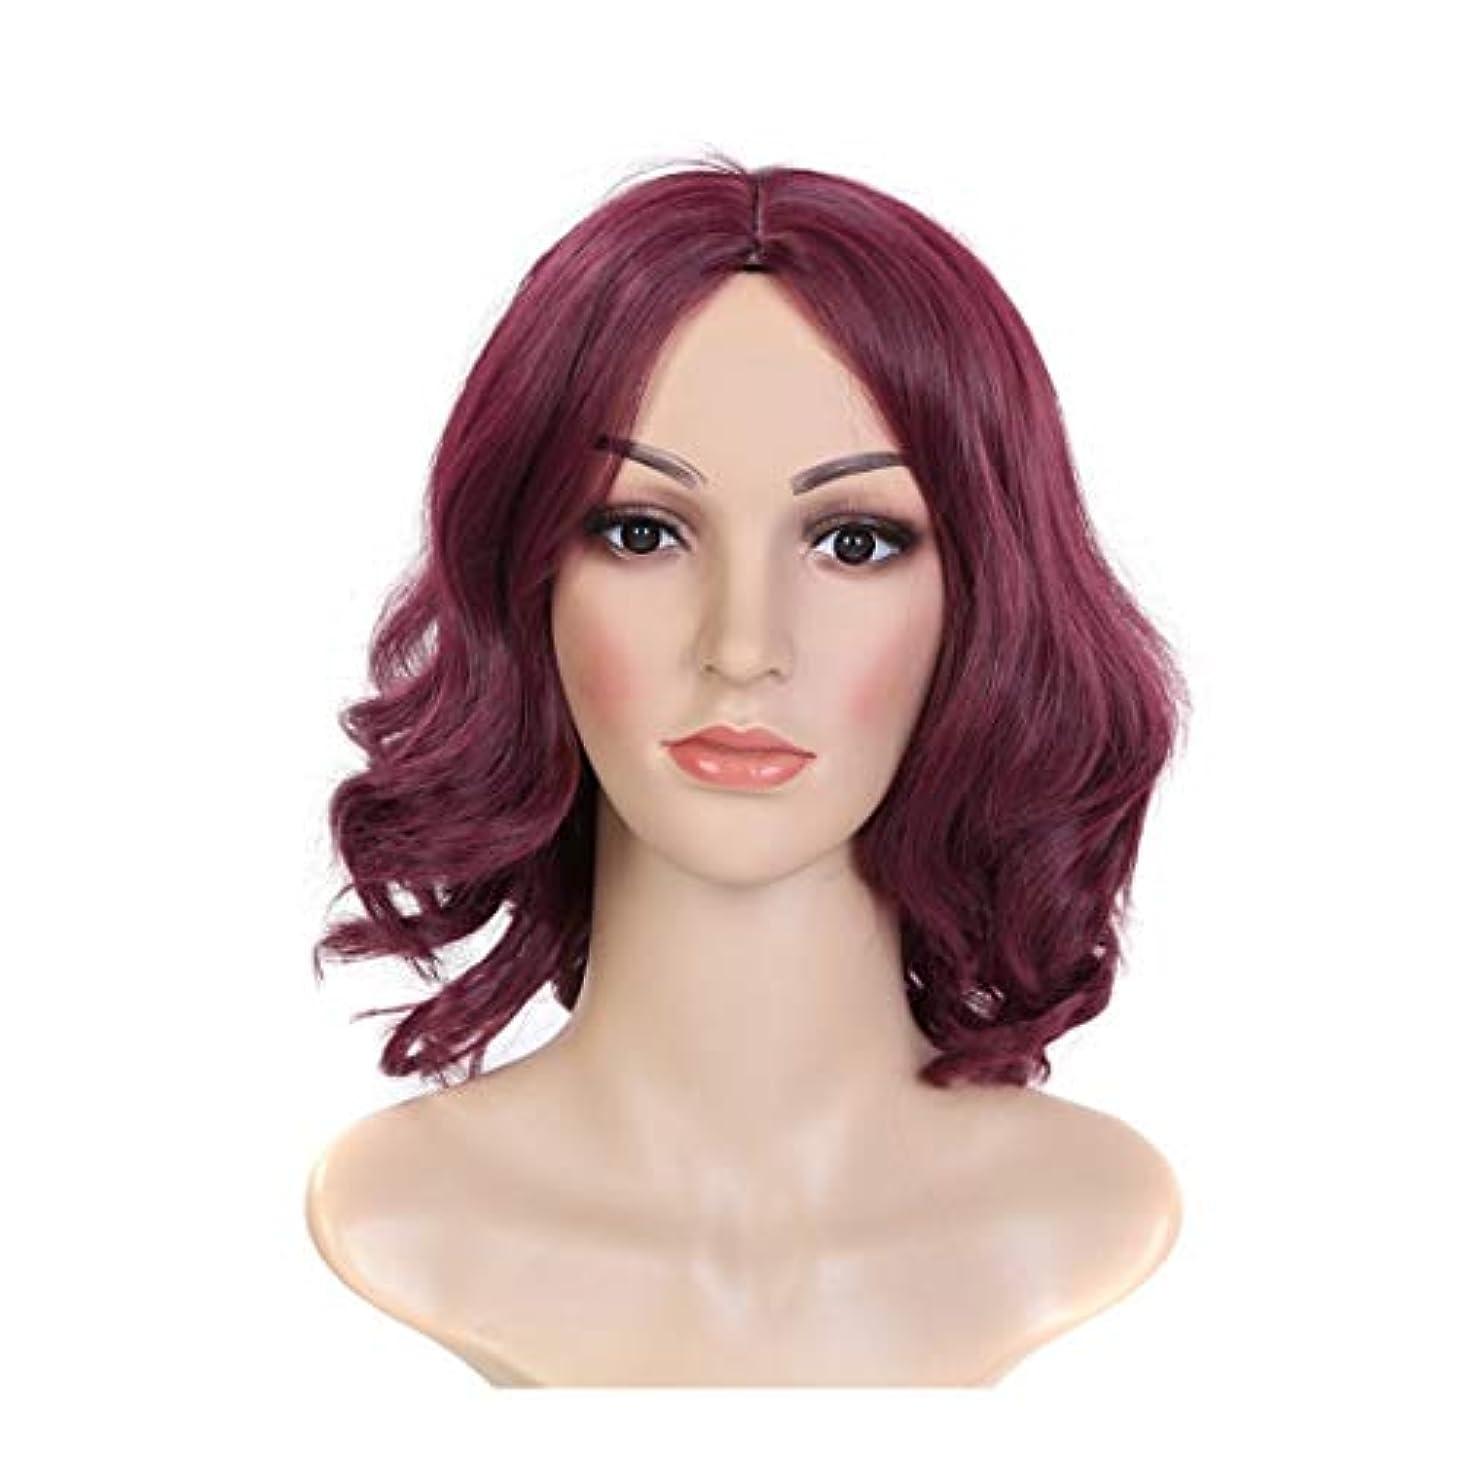 つなぐとして偶然のYOUQIU 女性のかつらのためのワインレッド気質スプリットかつらヘッドギア剃った顔短い巻き毛のかつら (色 : Red wine)